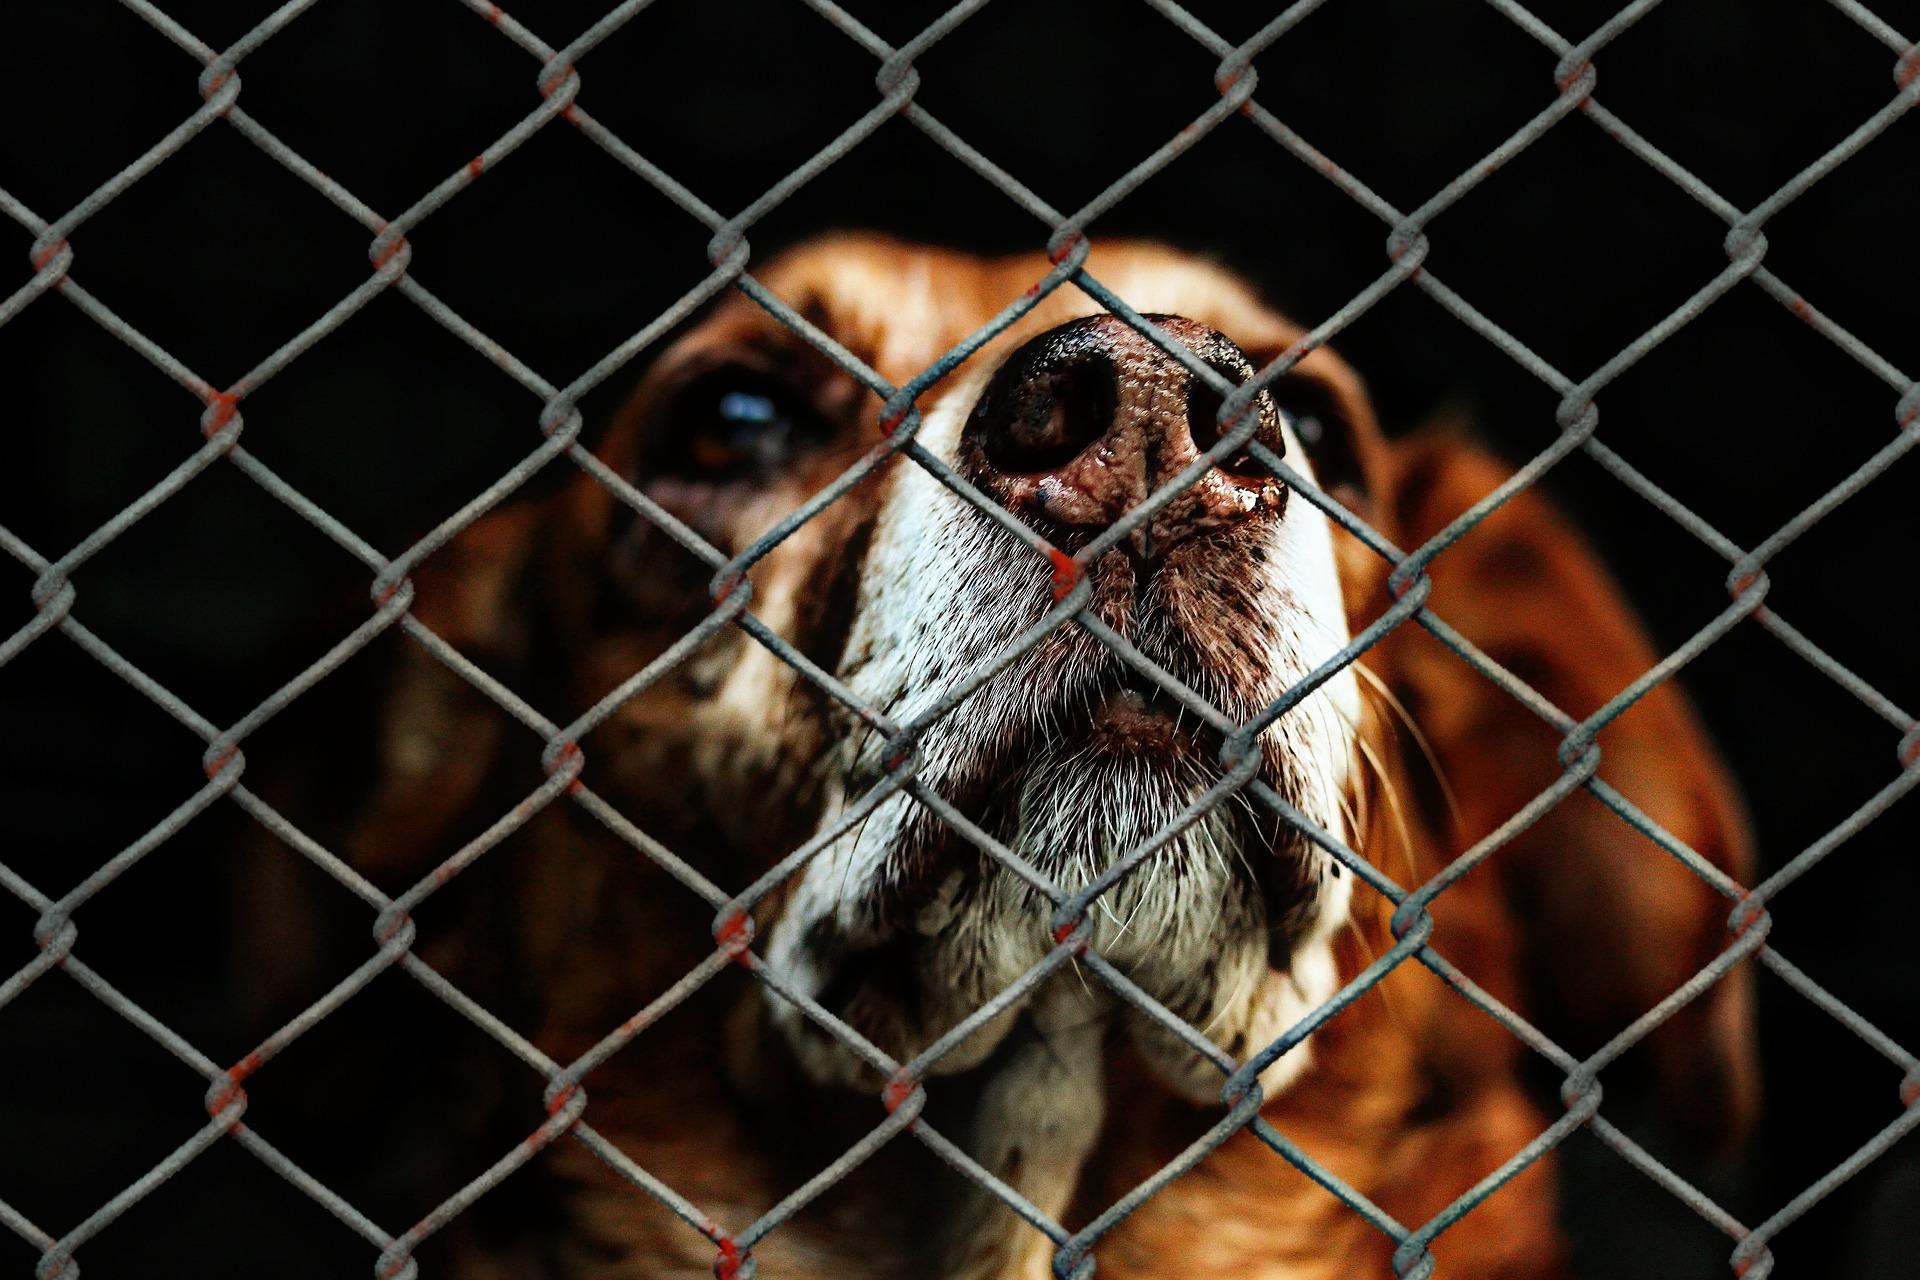 animal-welfare-1116203_1920_1529666557736.jpg